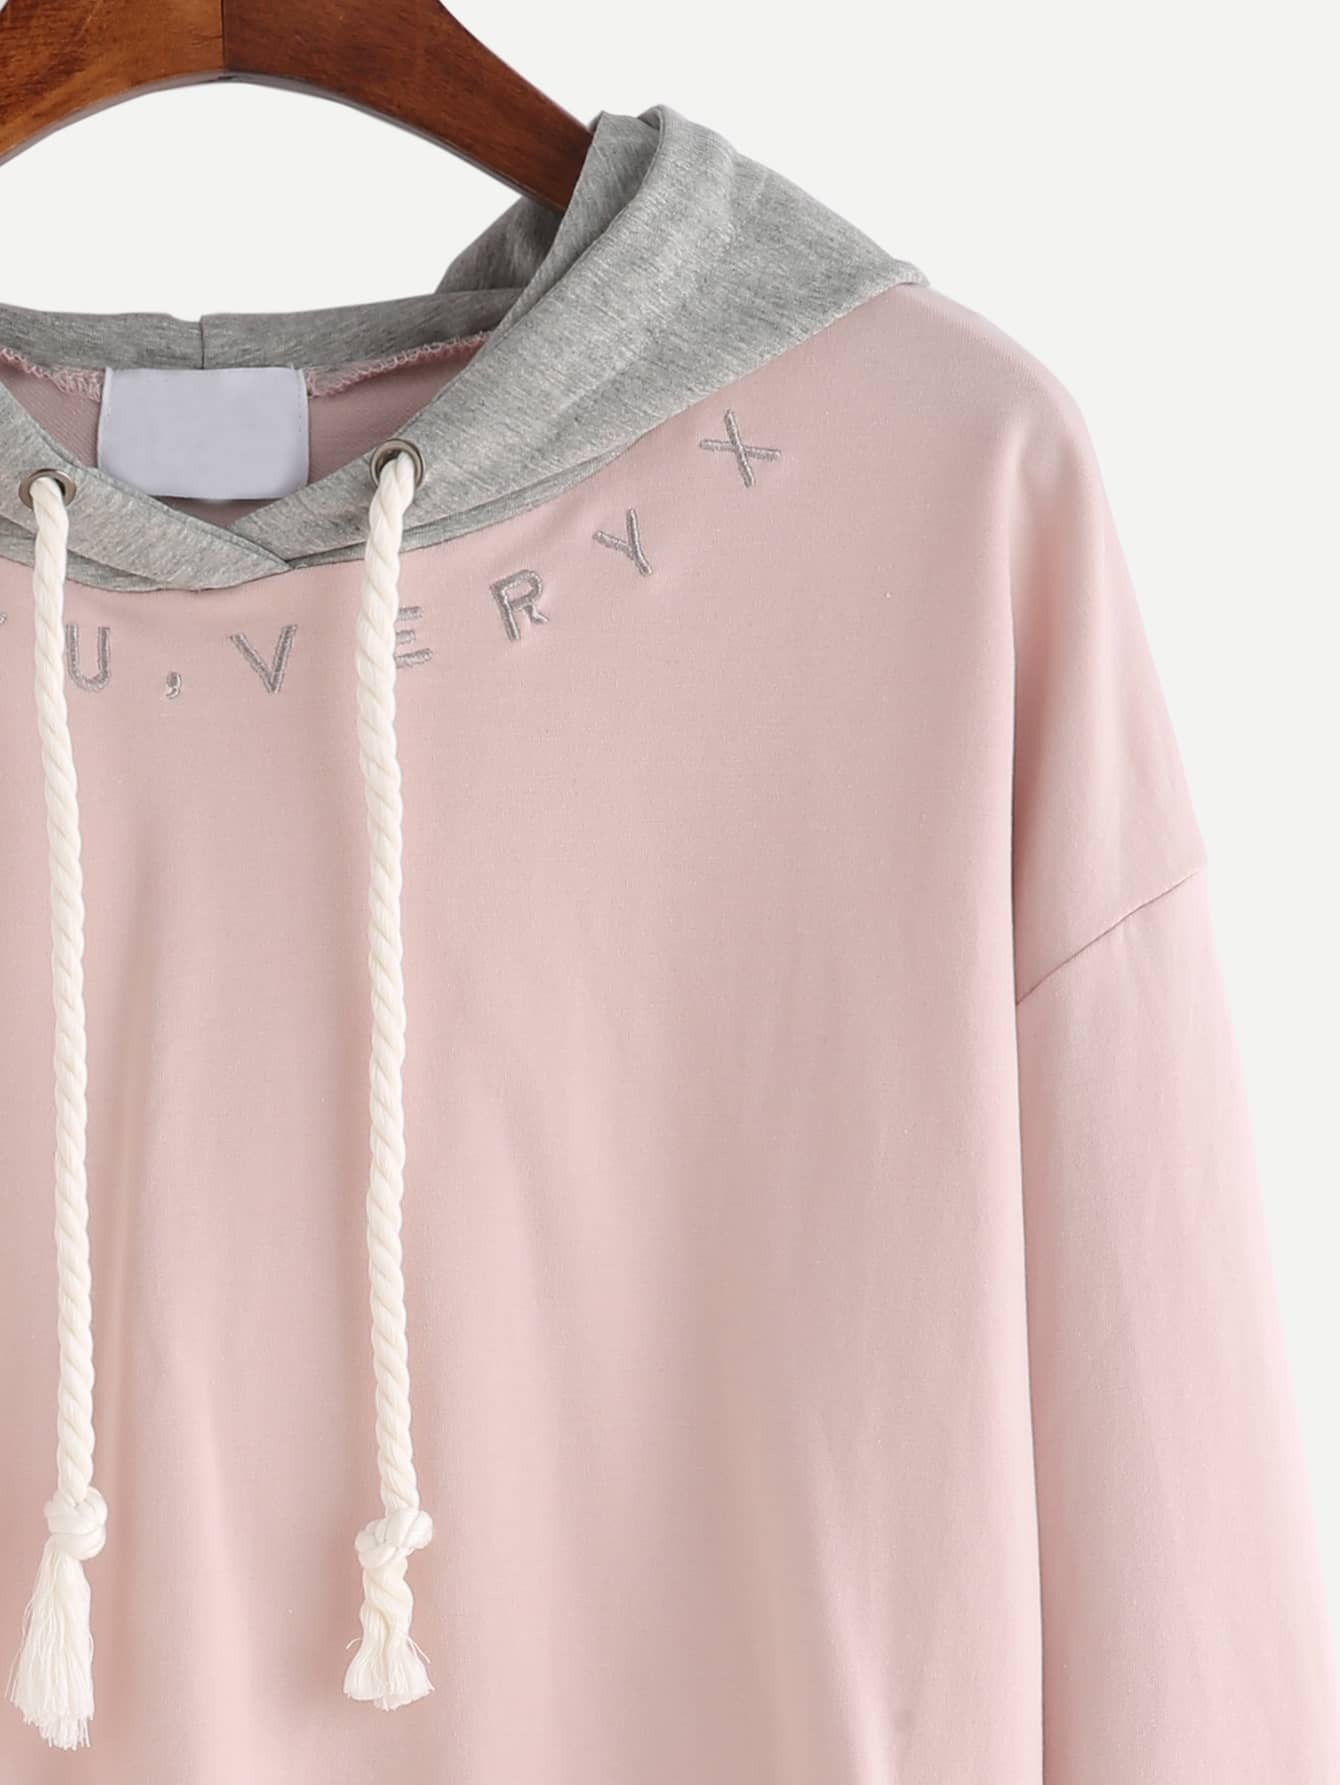 sweatshirt160822001_2